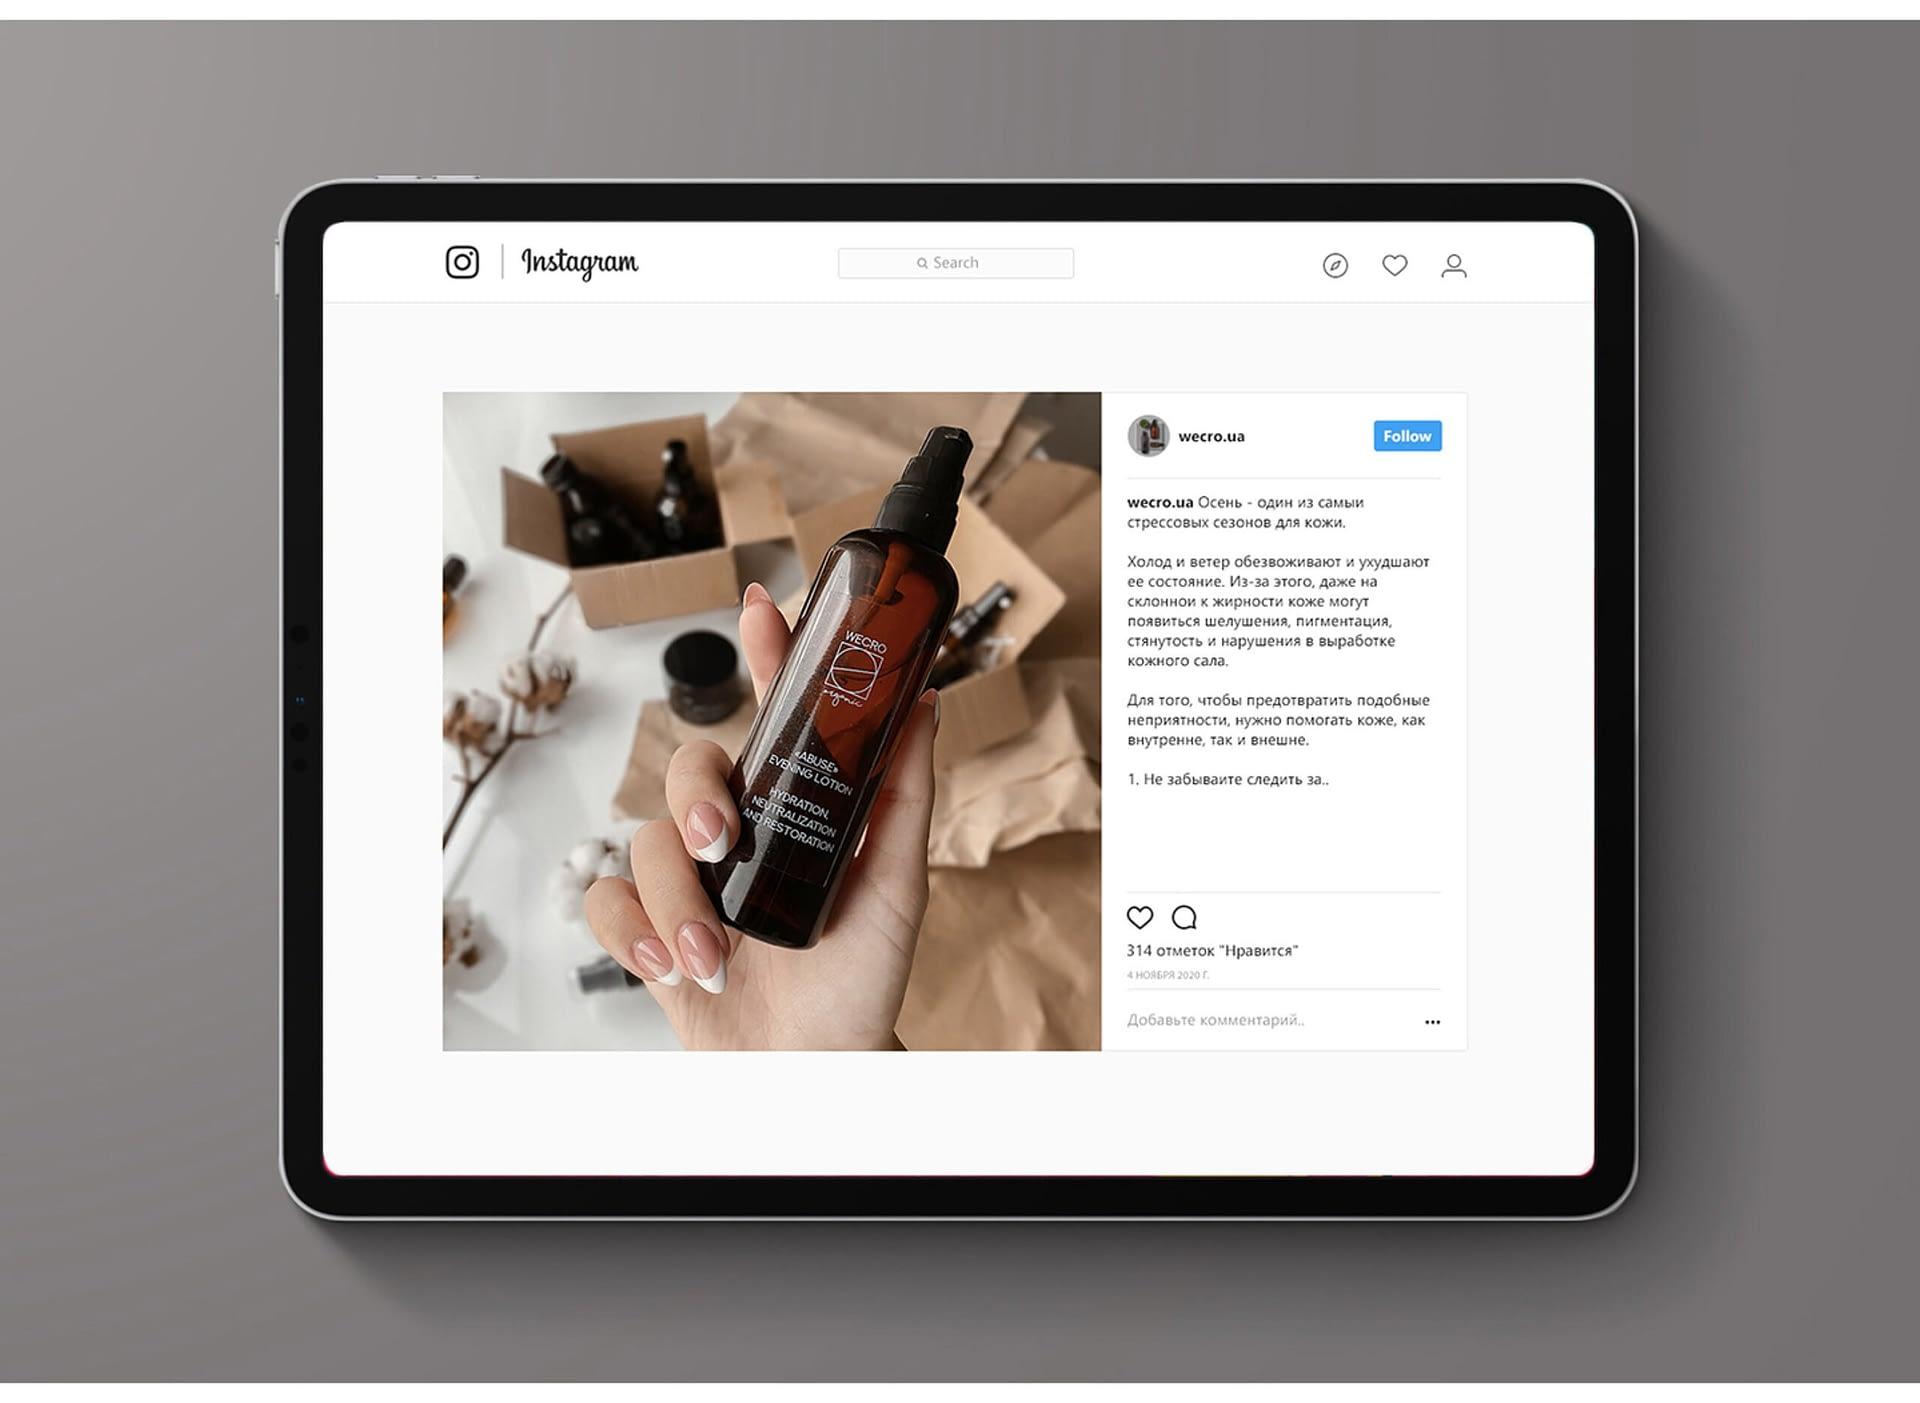 Instagram social marketing example